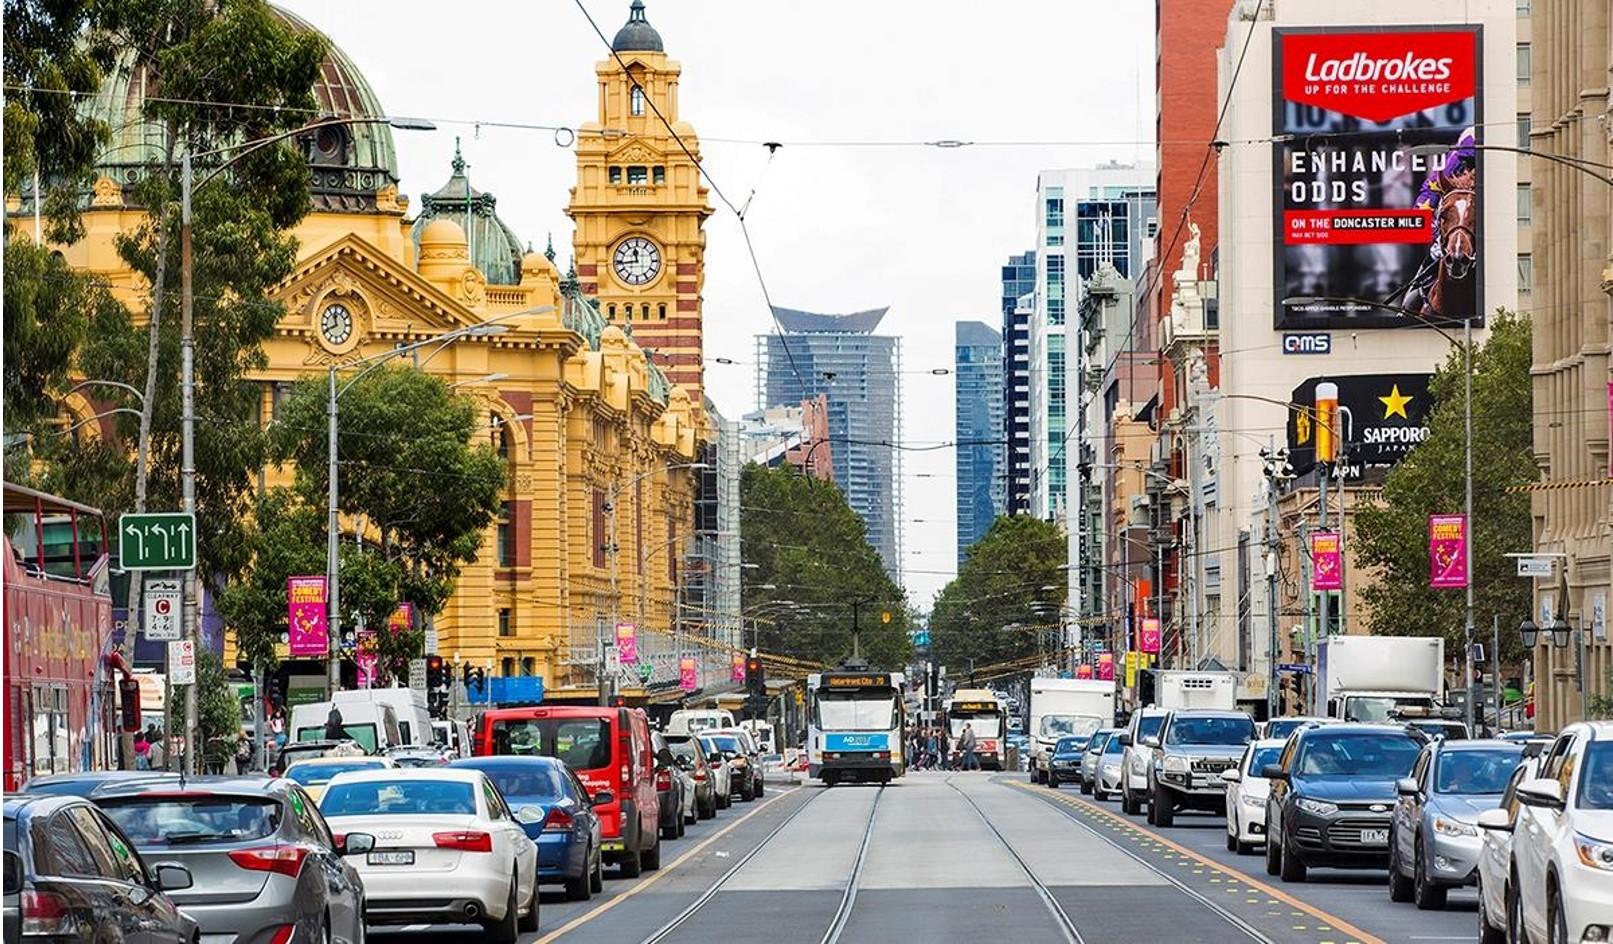 The Flinders Melbourne